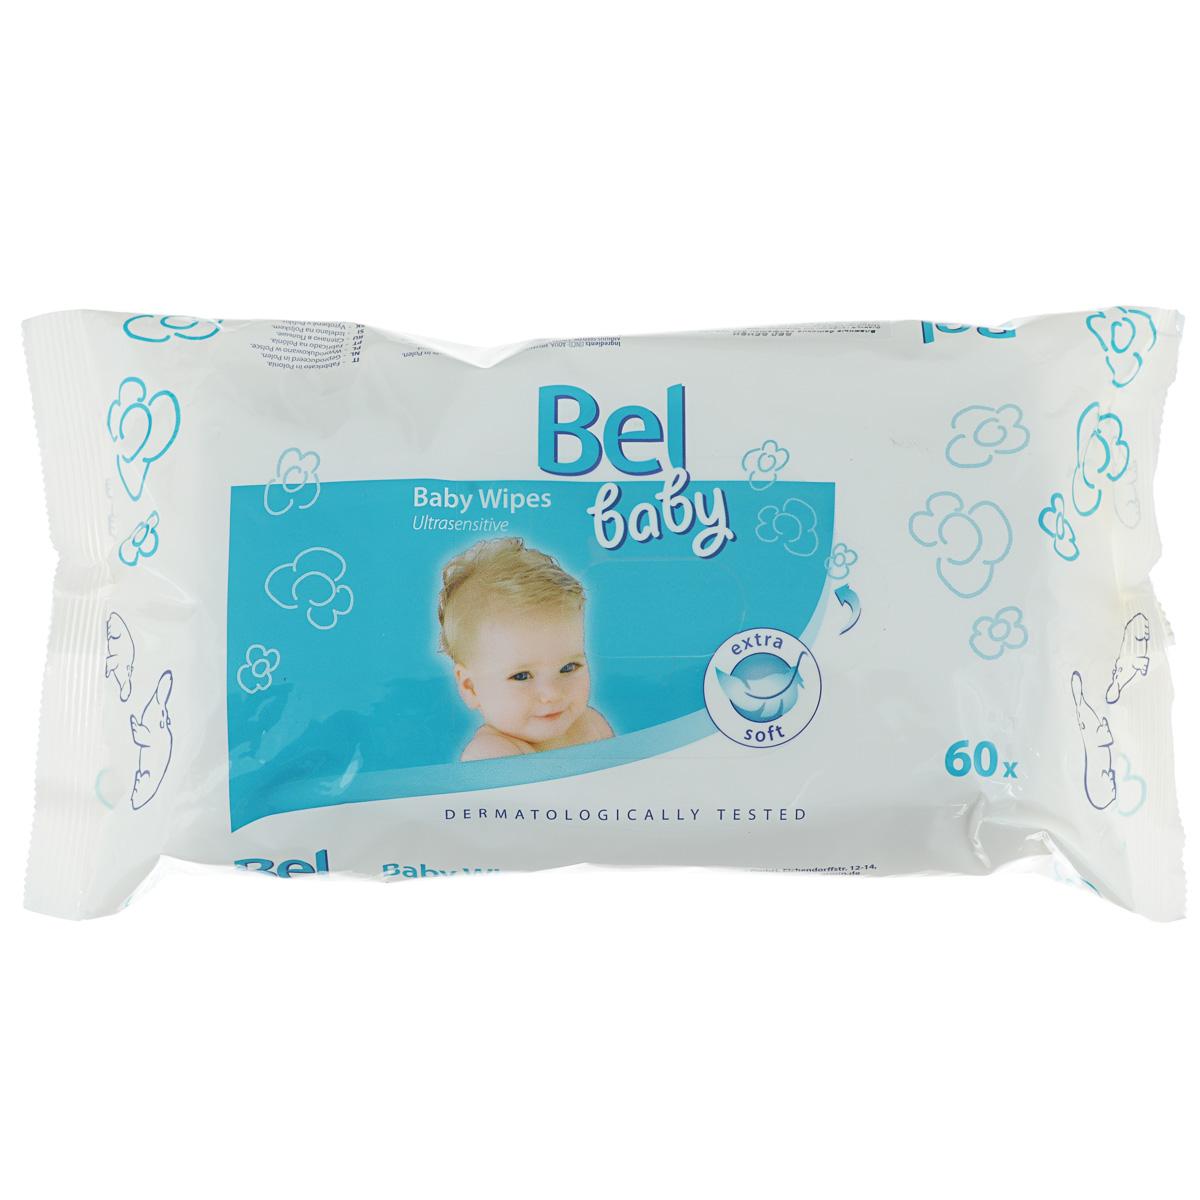 Hartmann Влажные салфетки Bel Baby, для чувствительной кожи, 60 шт9162921Влажные салфетки Bel Baby нежно ухаживают и мягко очищают чувствительную кожу ребенка. Пропитаны специальным лосьоном, который прекрасно увлажняет и защищает кожу от внешних воздействий и способствует предотвращению и заживлению раздраженной кожи. В составе лосьона натуральные масла: масло подсолнечника, льняное и оливковое. Изготовлены из нетканого материала, содержащего 30 % вискозы. Товар сертифицирован. Товар сертифицирован.